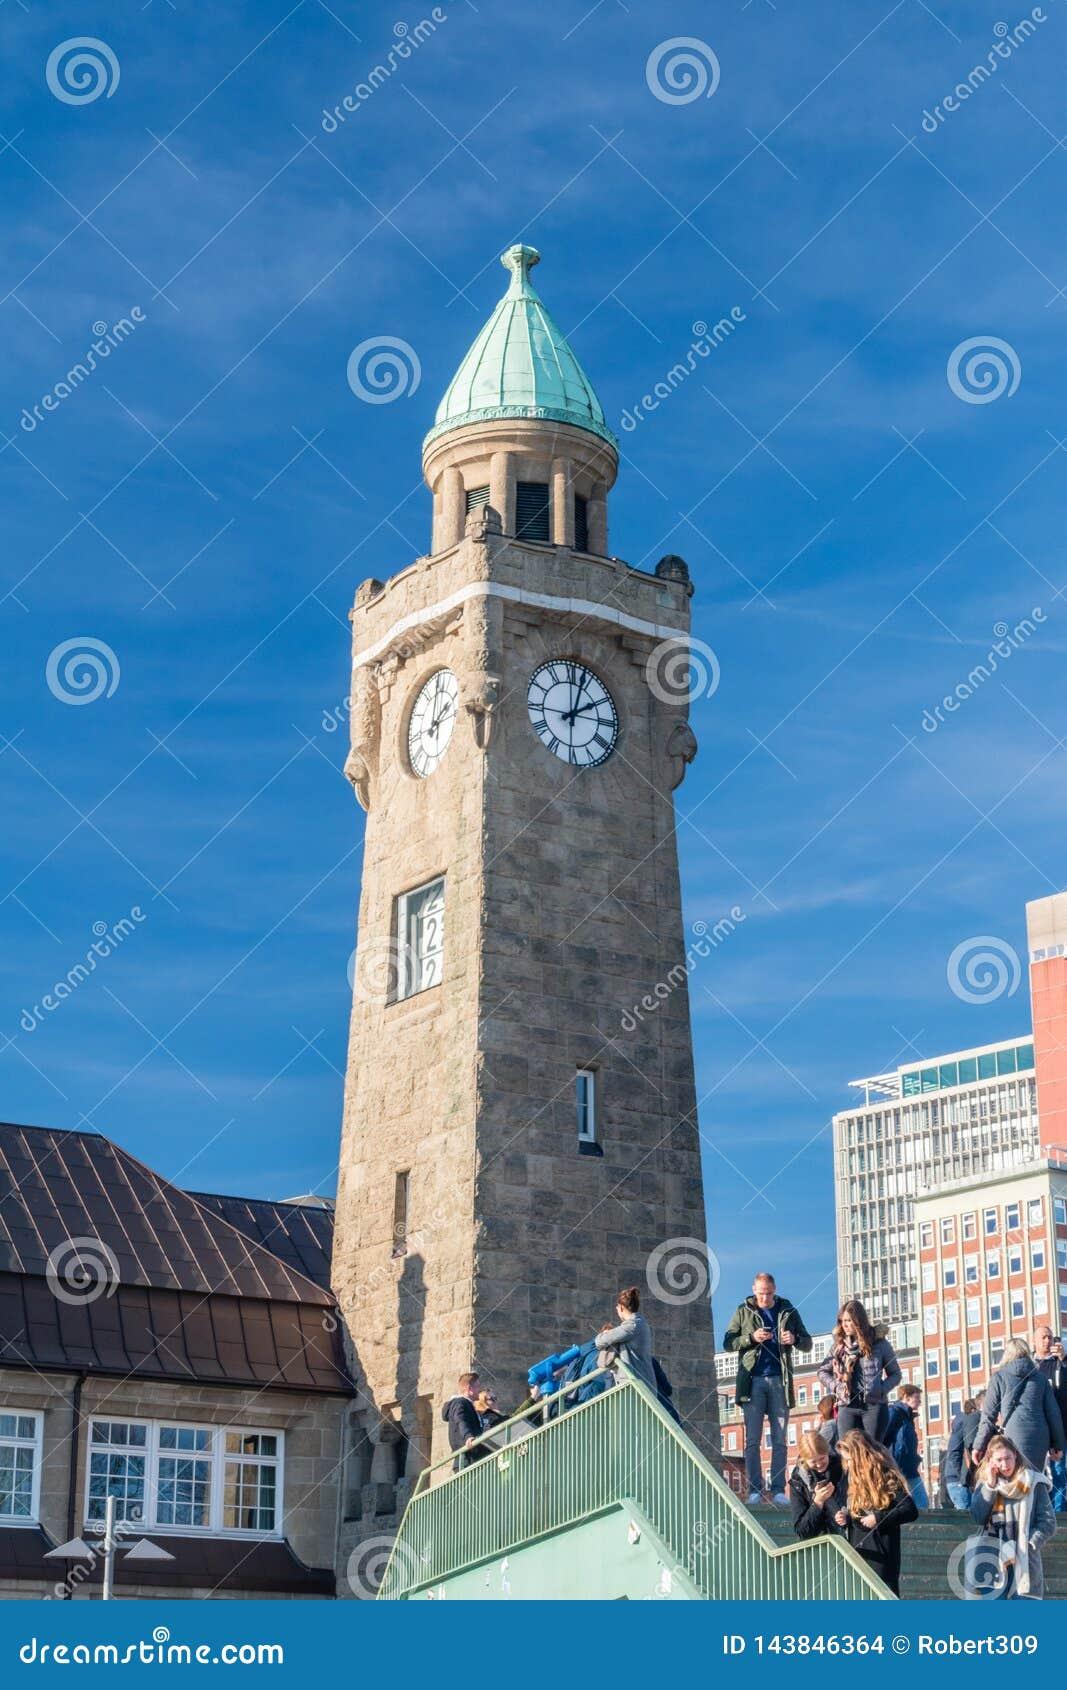 Clock tower of famous St. Pauli Landungsbrucken